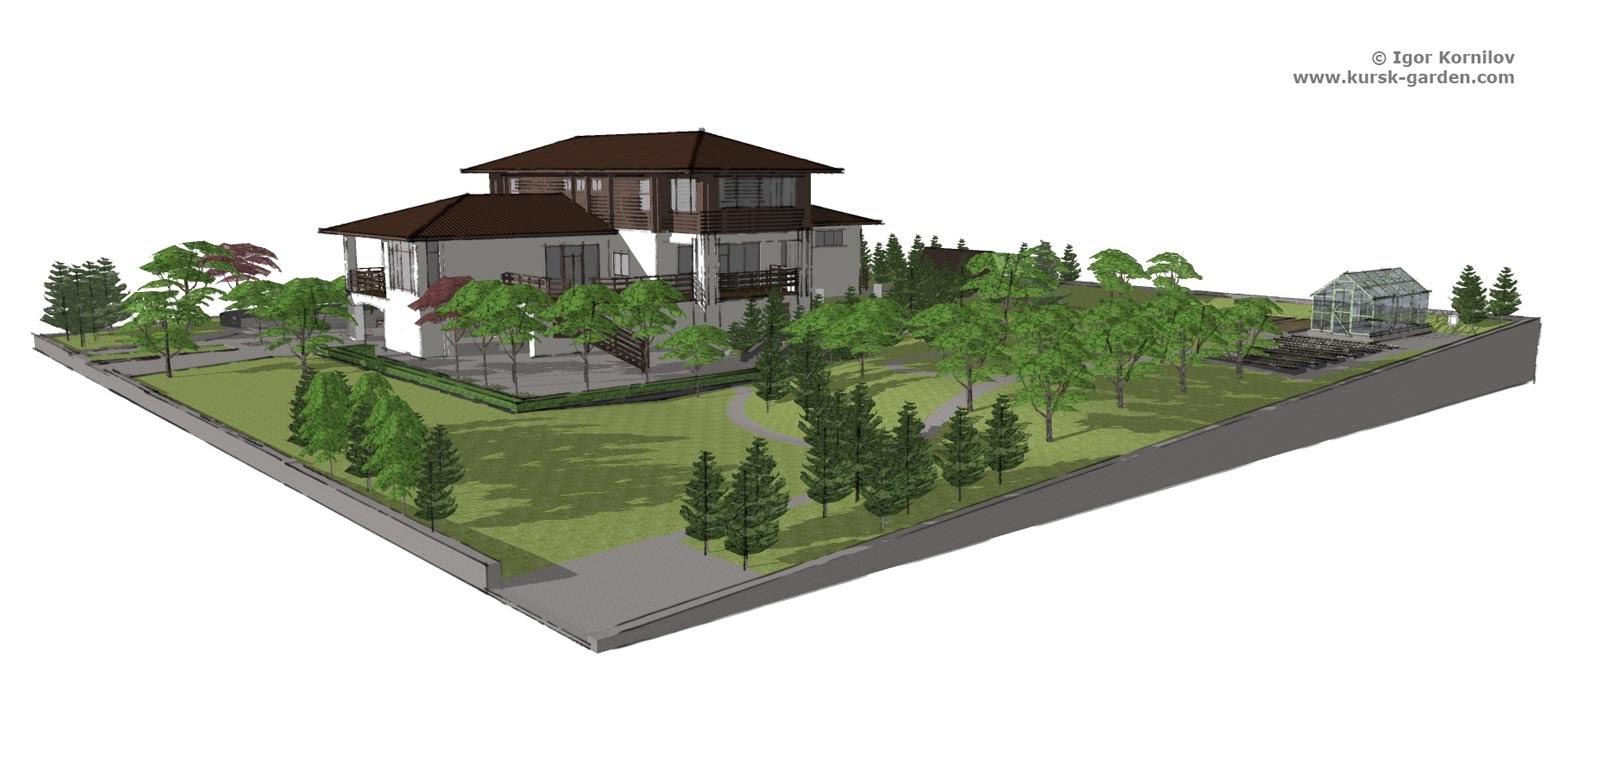 http://www.kursk-garden.com/2016/02/landscaping-project-Kursk-3d-2016-2.html